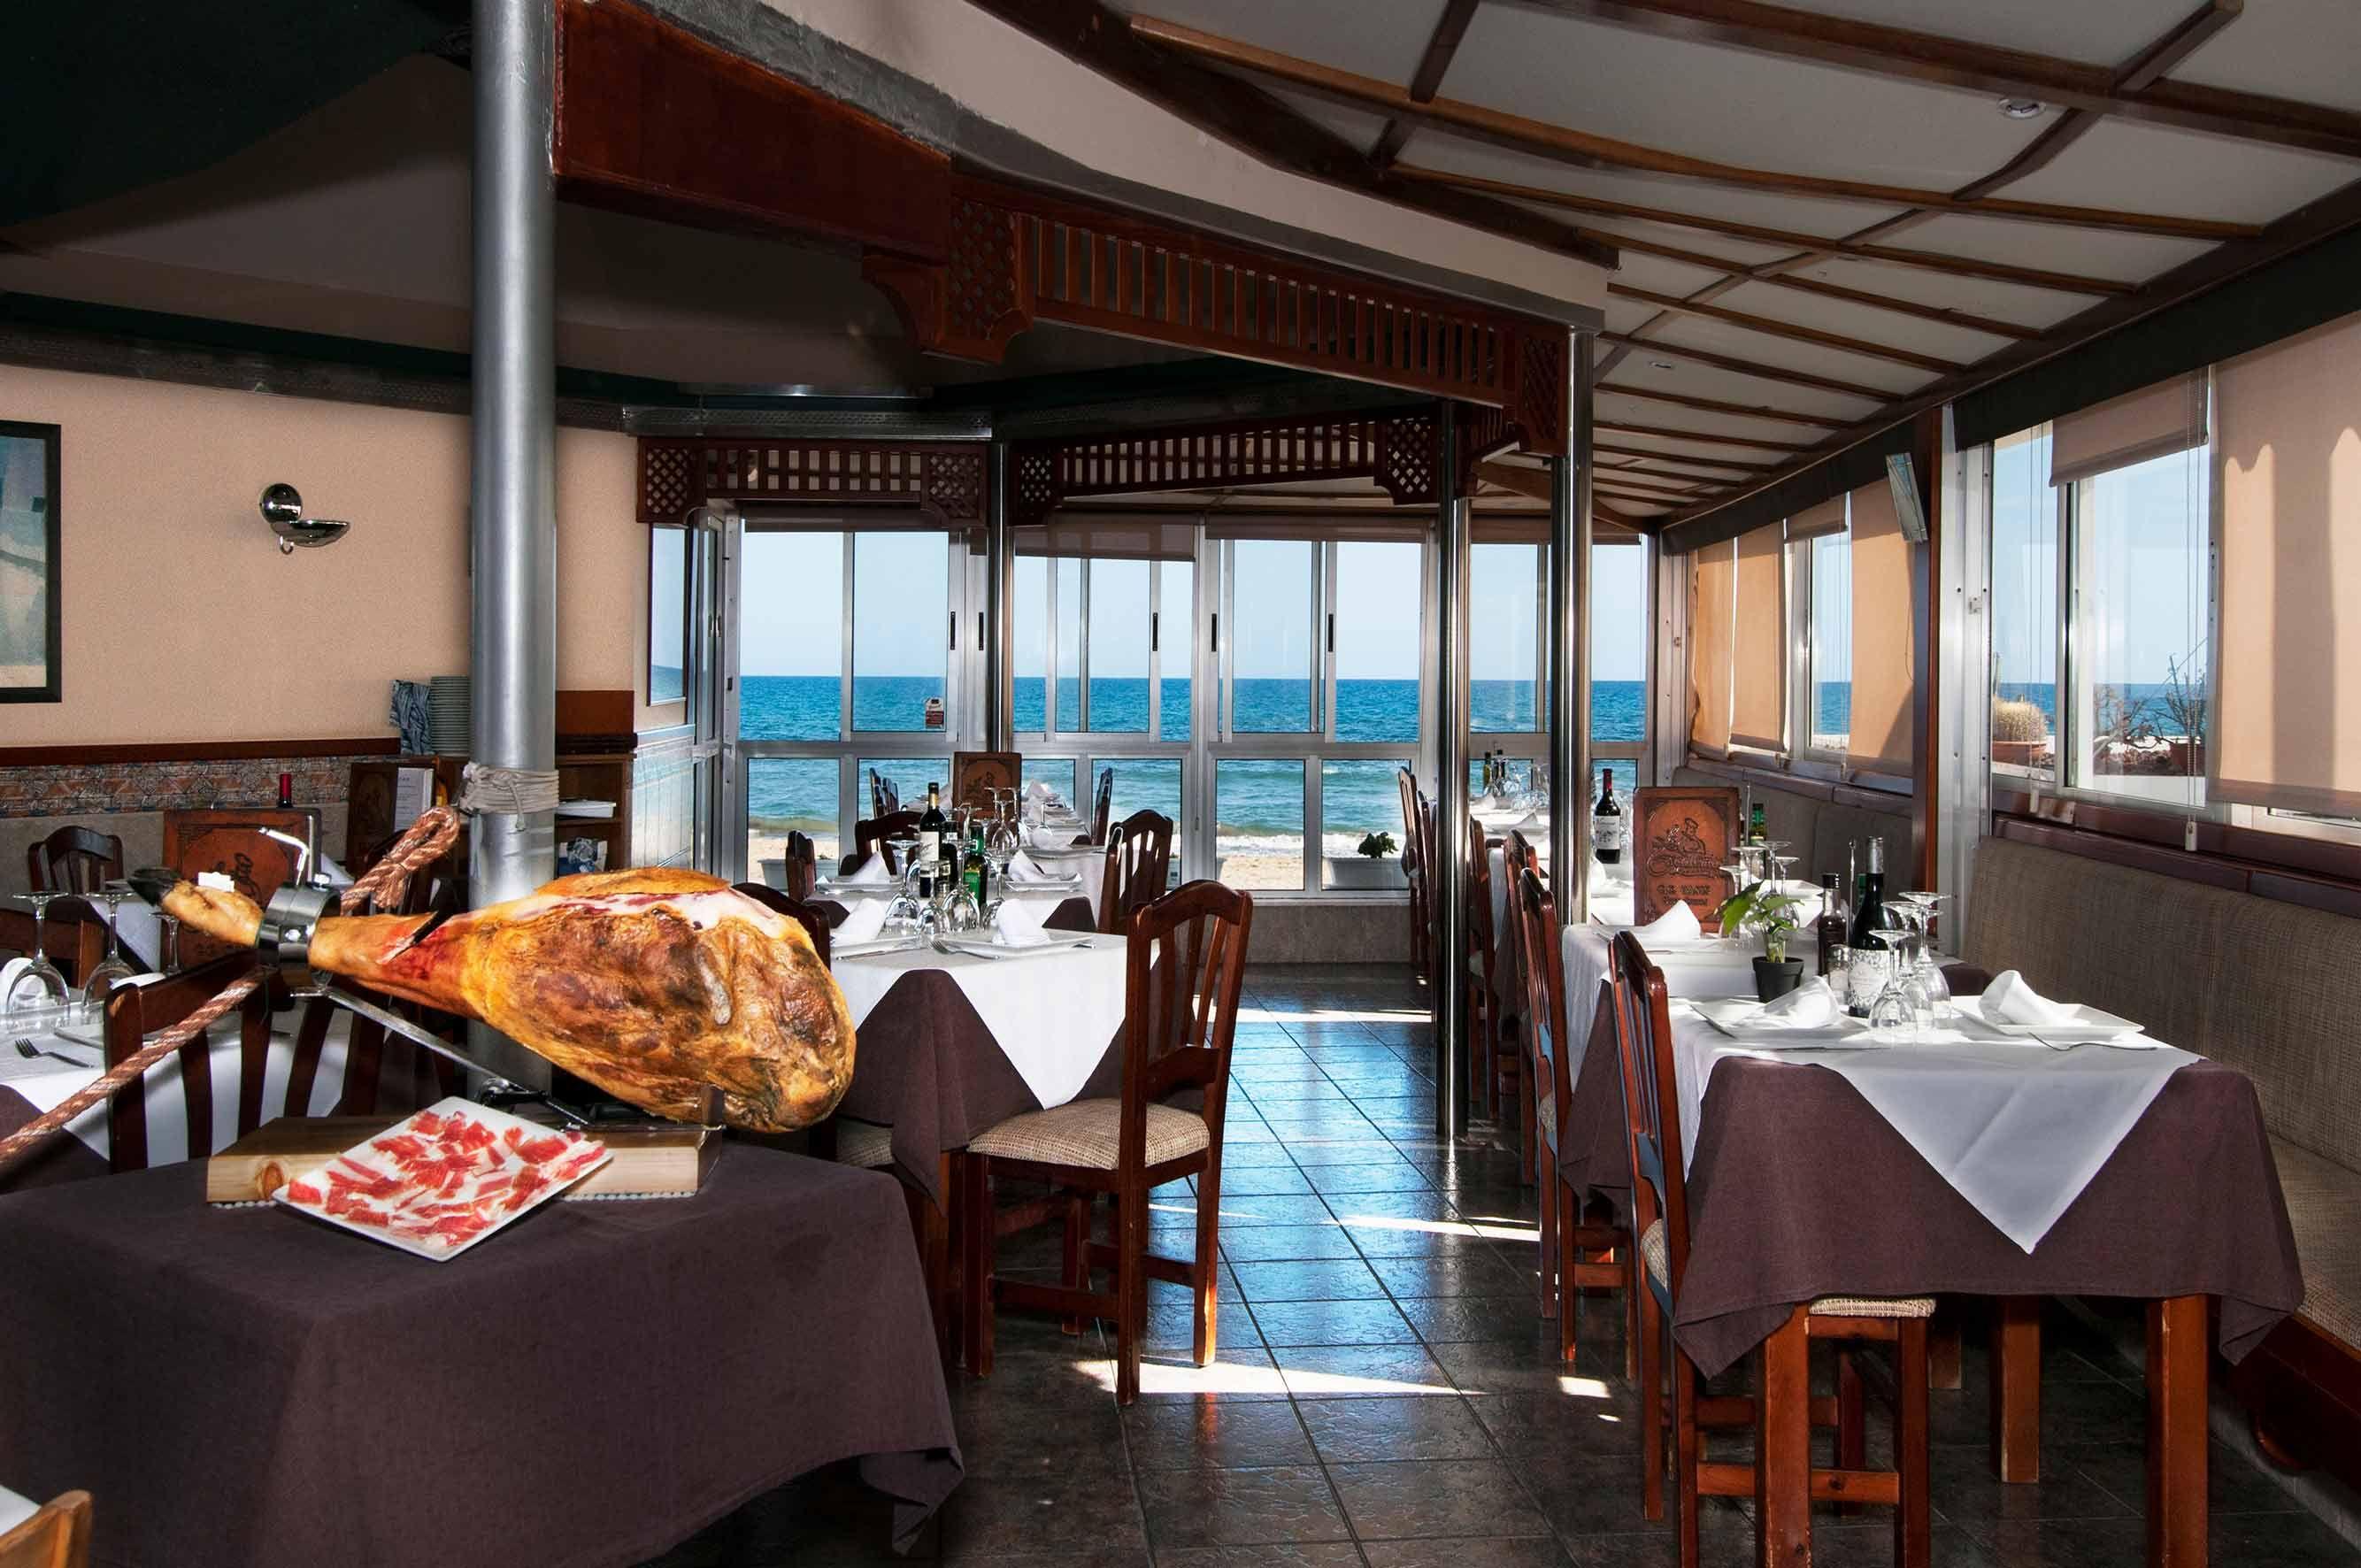 Foto 6 de International kitchen en Maspalomas | Restaurante Escaleritas